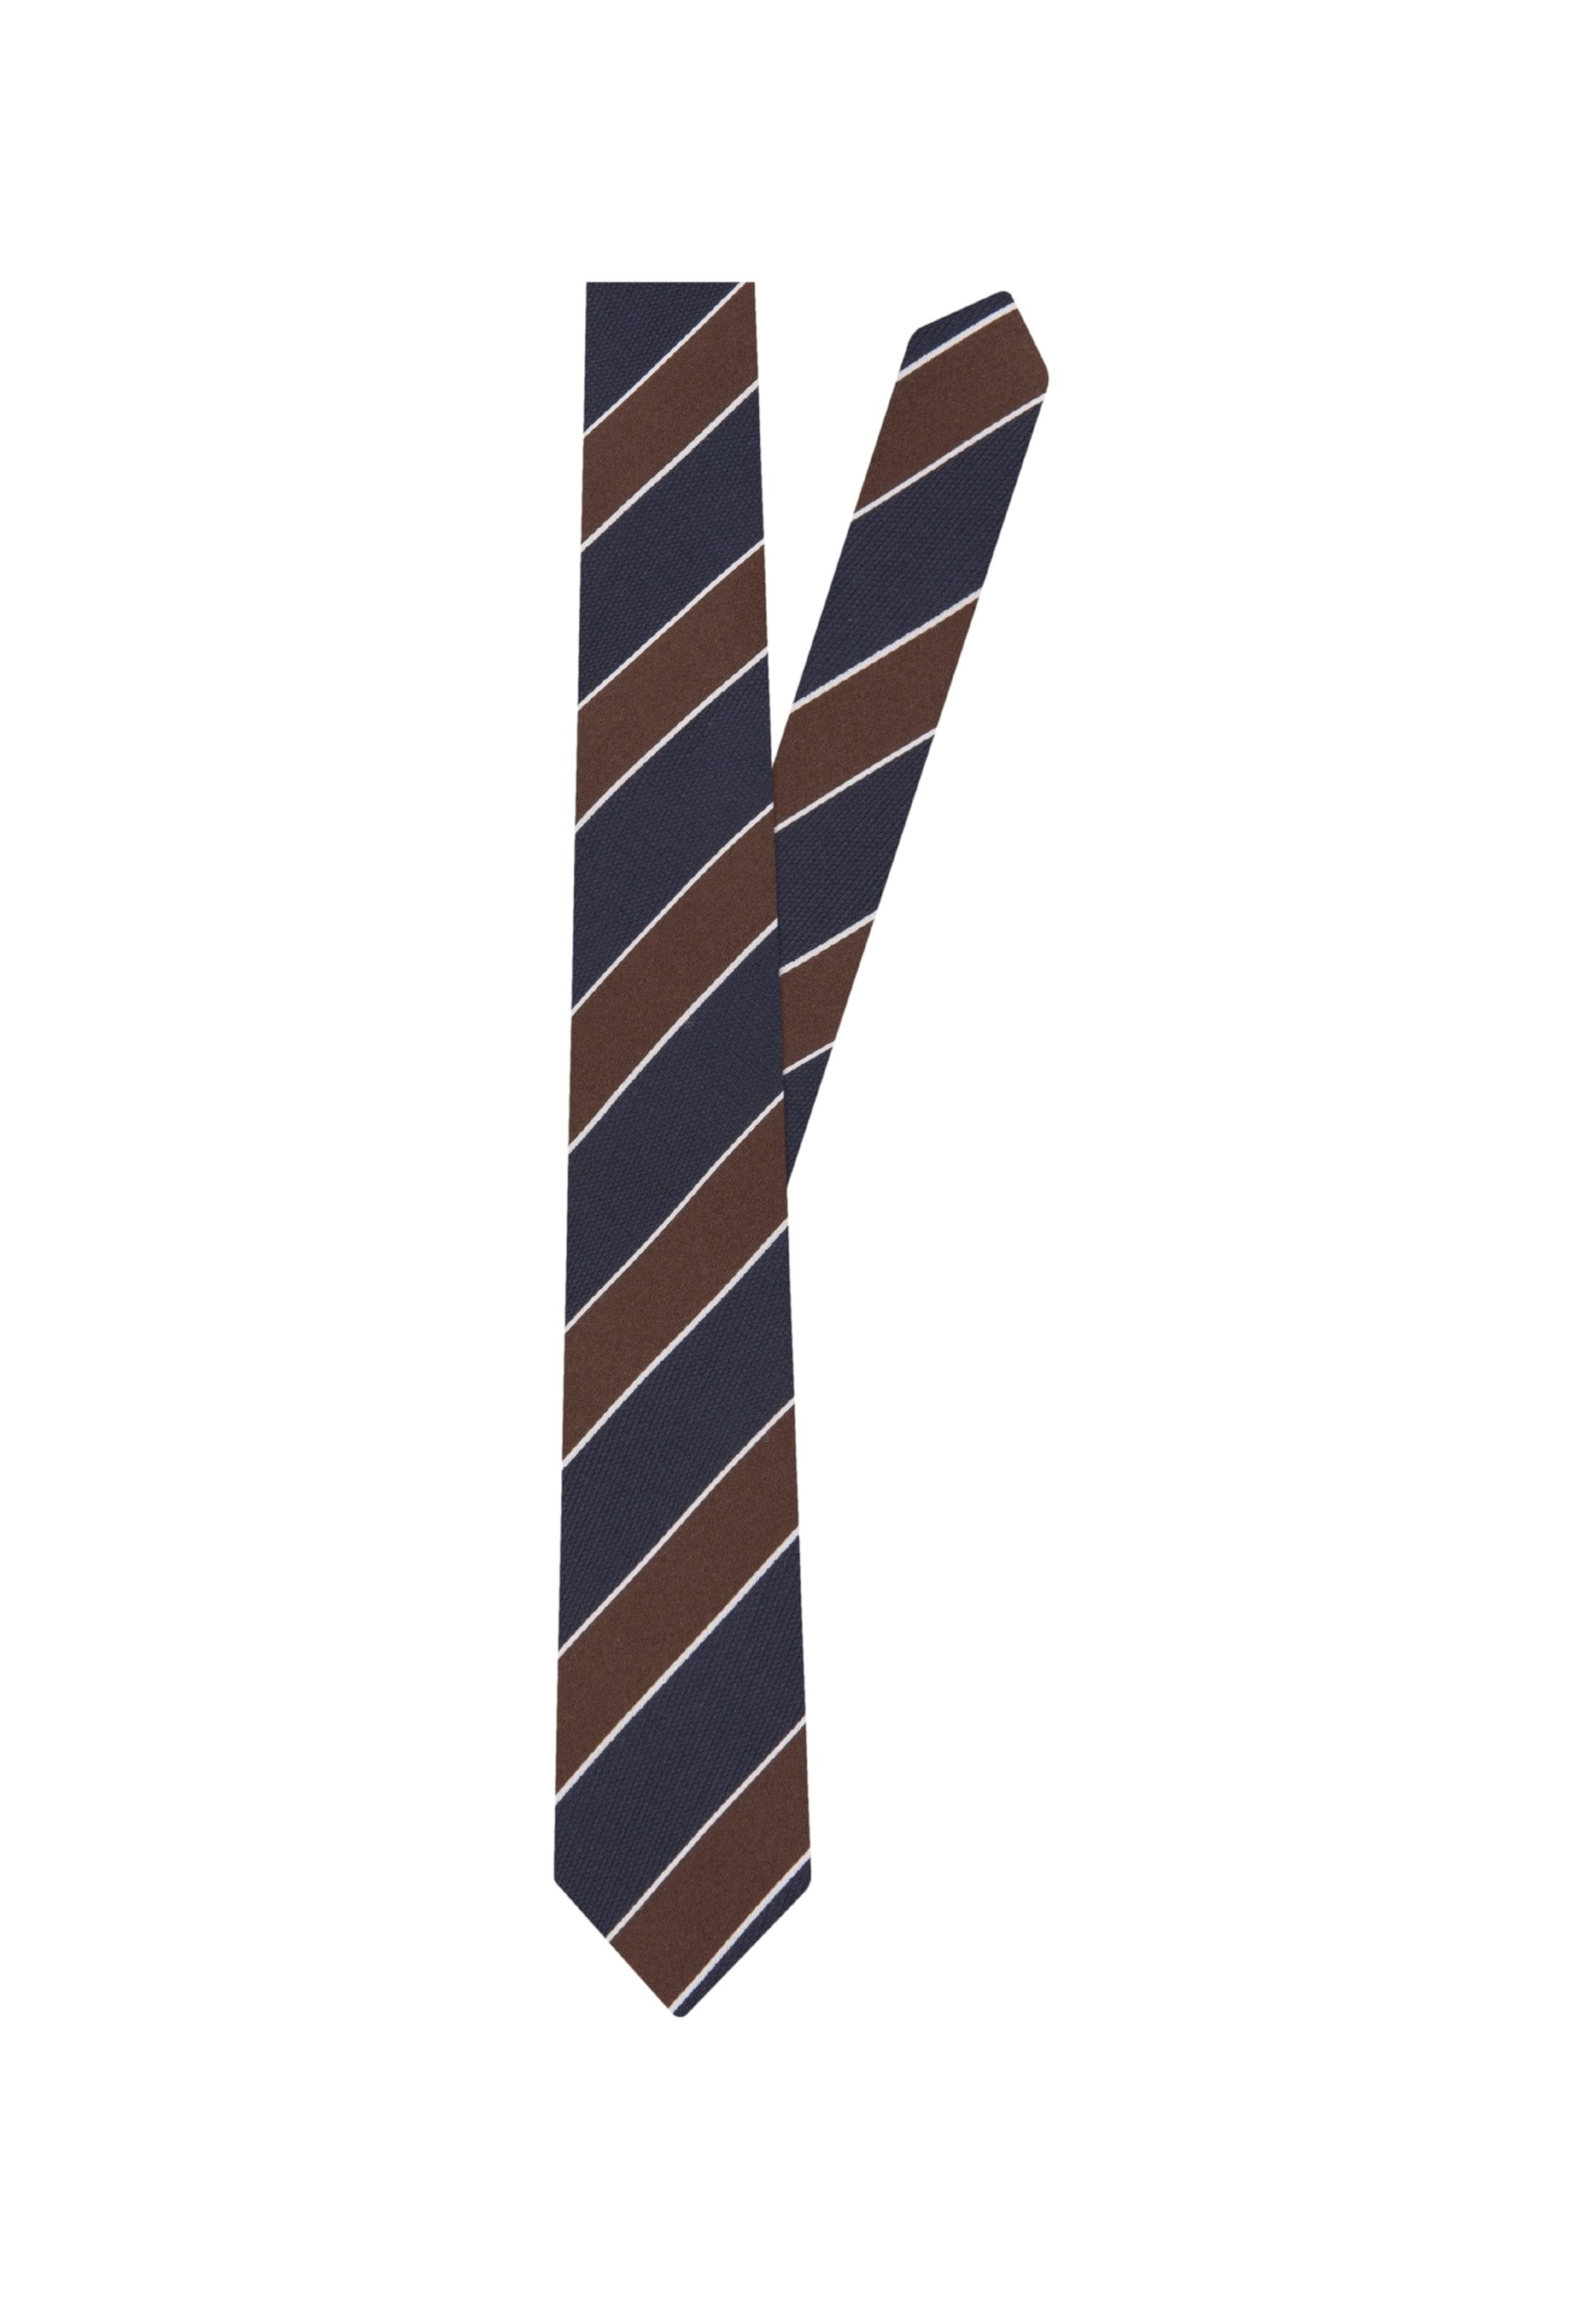 Seidensticker Rose' In Weiß NachtblauBraun Krawatte 'schwarze rCWdeQxBo